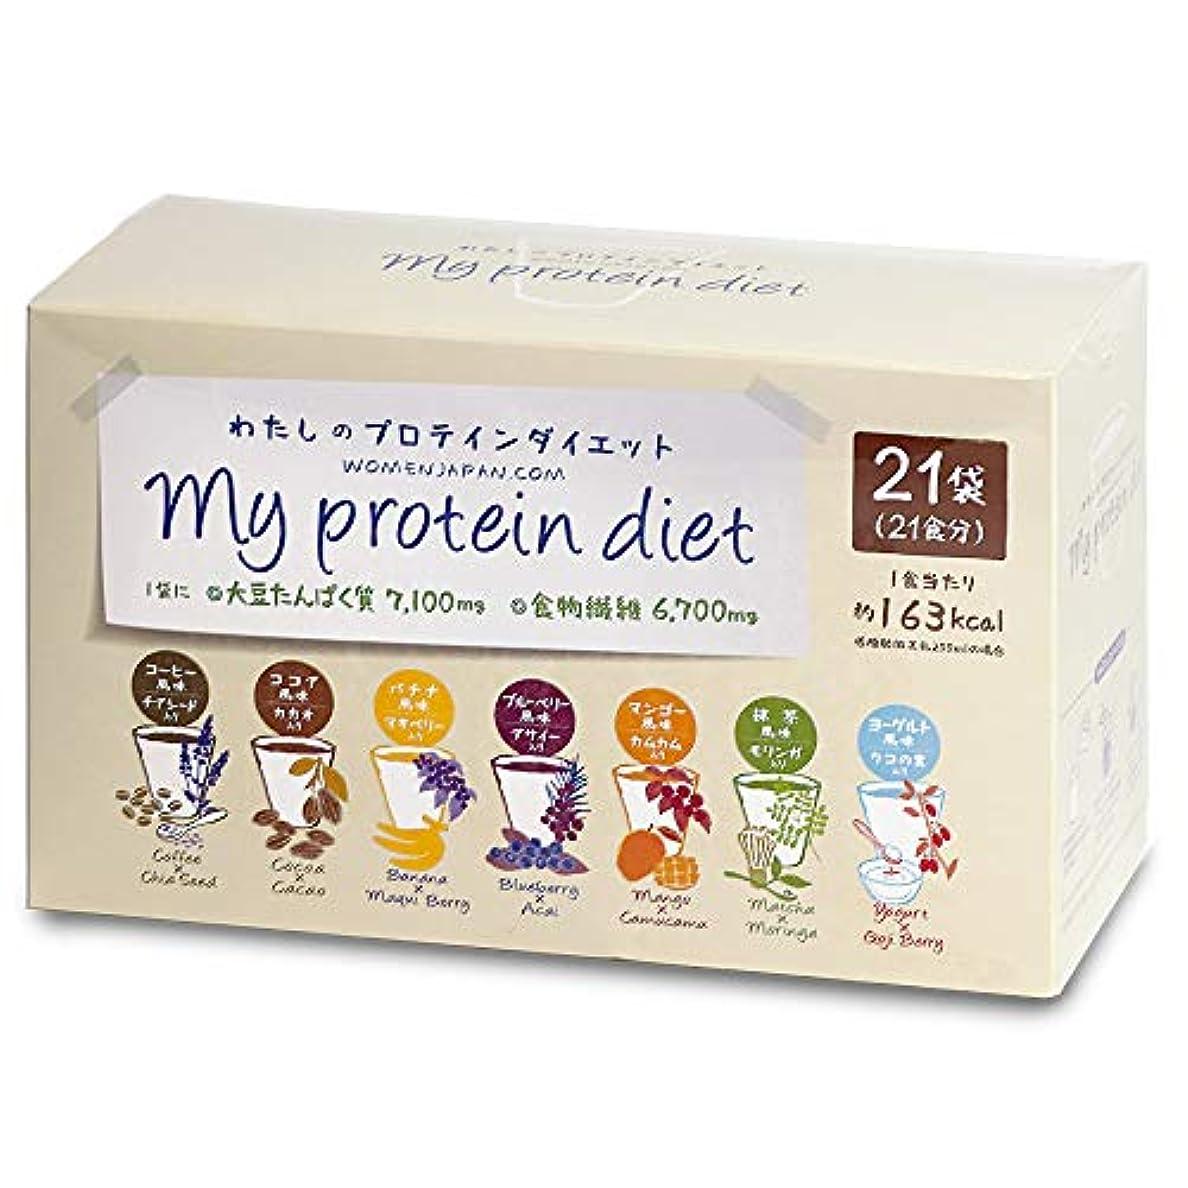 一貫性のない修正する学ぶわたしのプロテインダイエット 21食セット 1食置き換えダイエットシェイク 低糖質